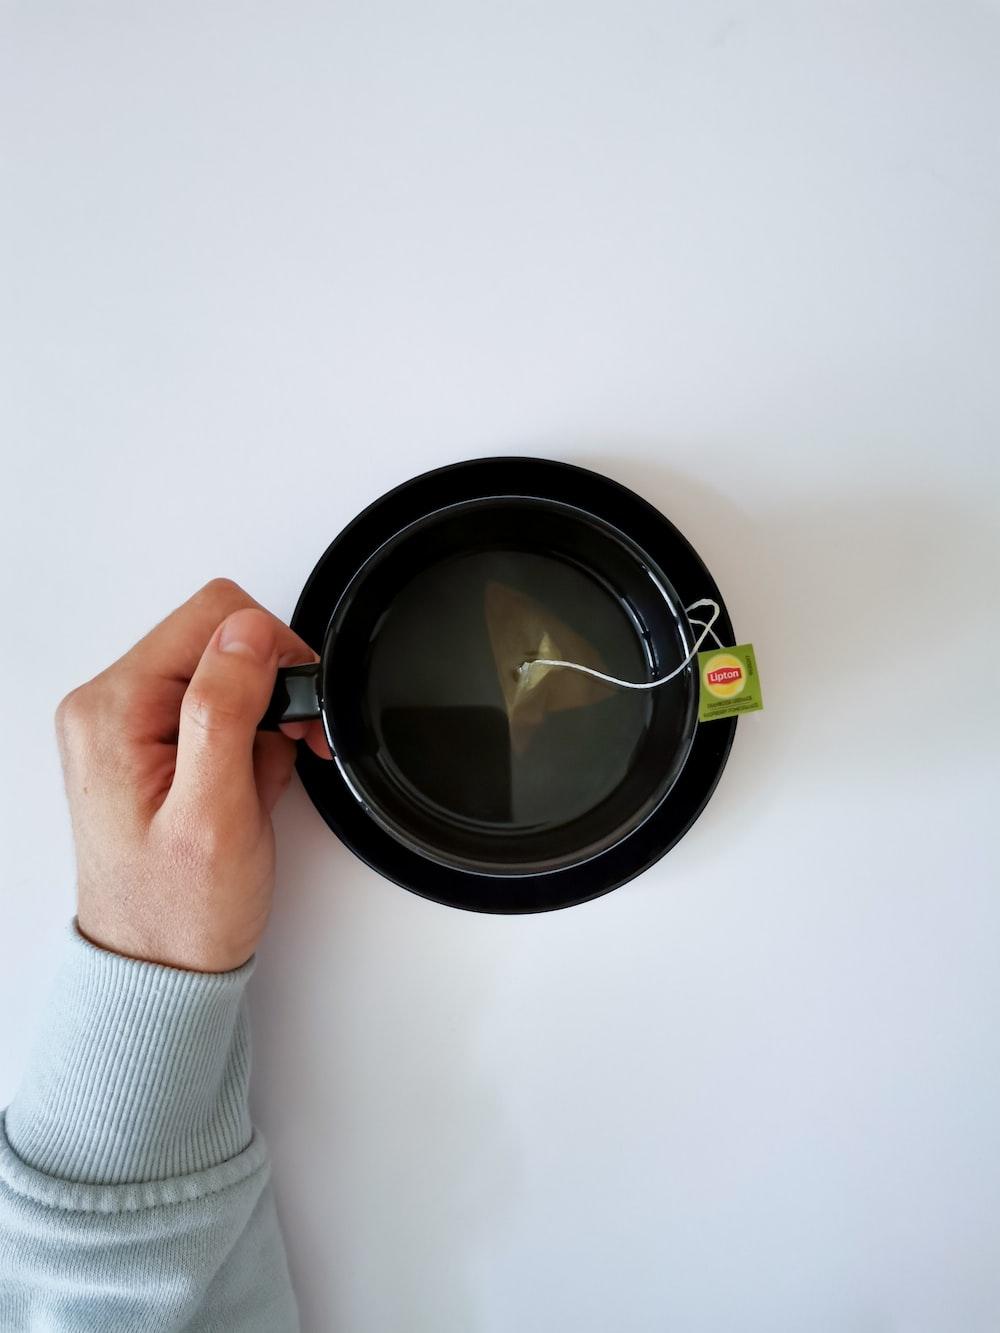 person holding black ceramic mug with black liquid